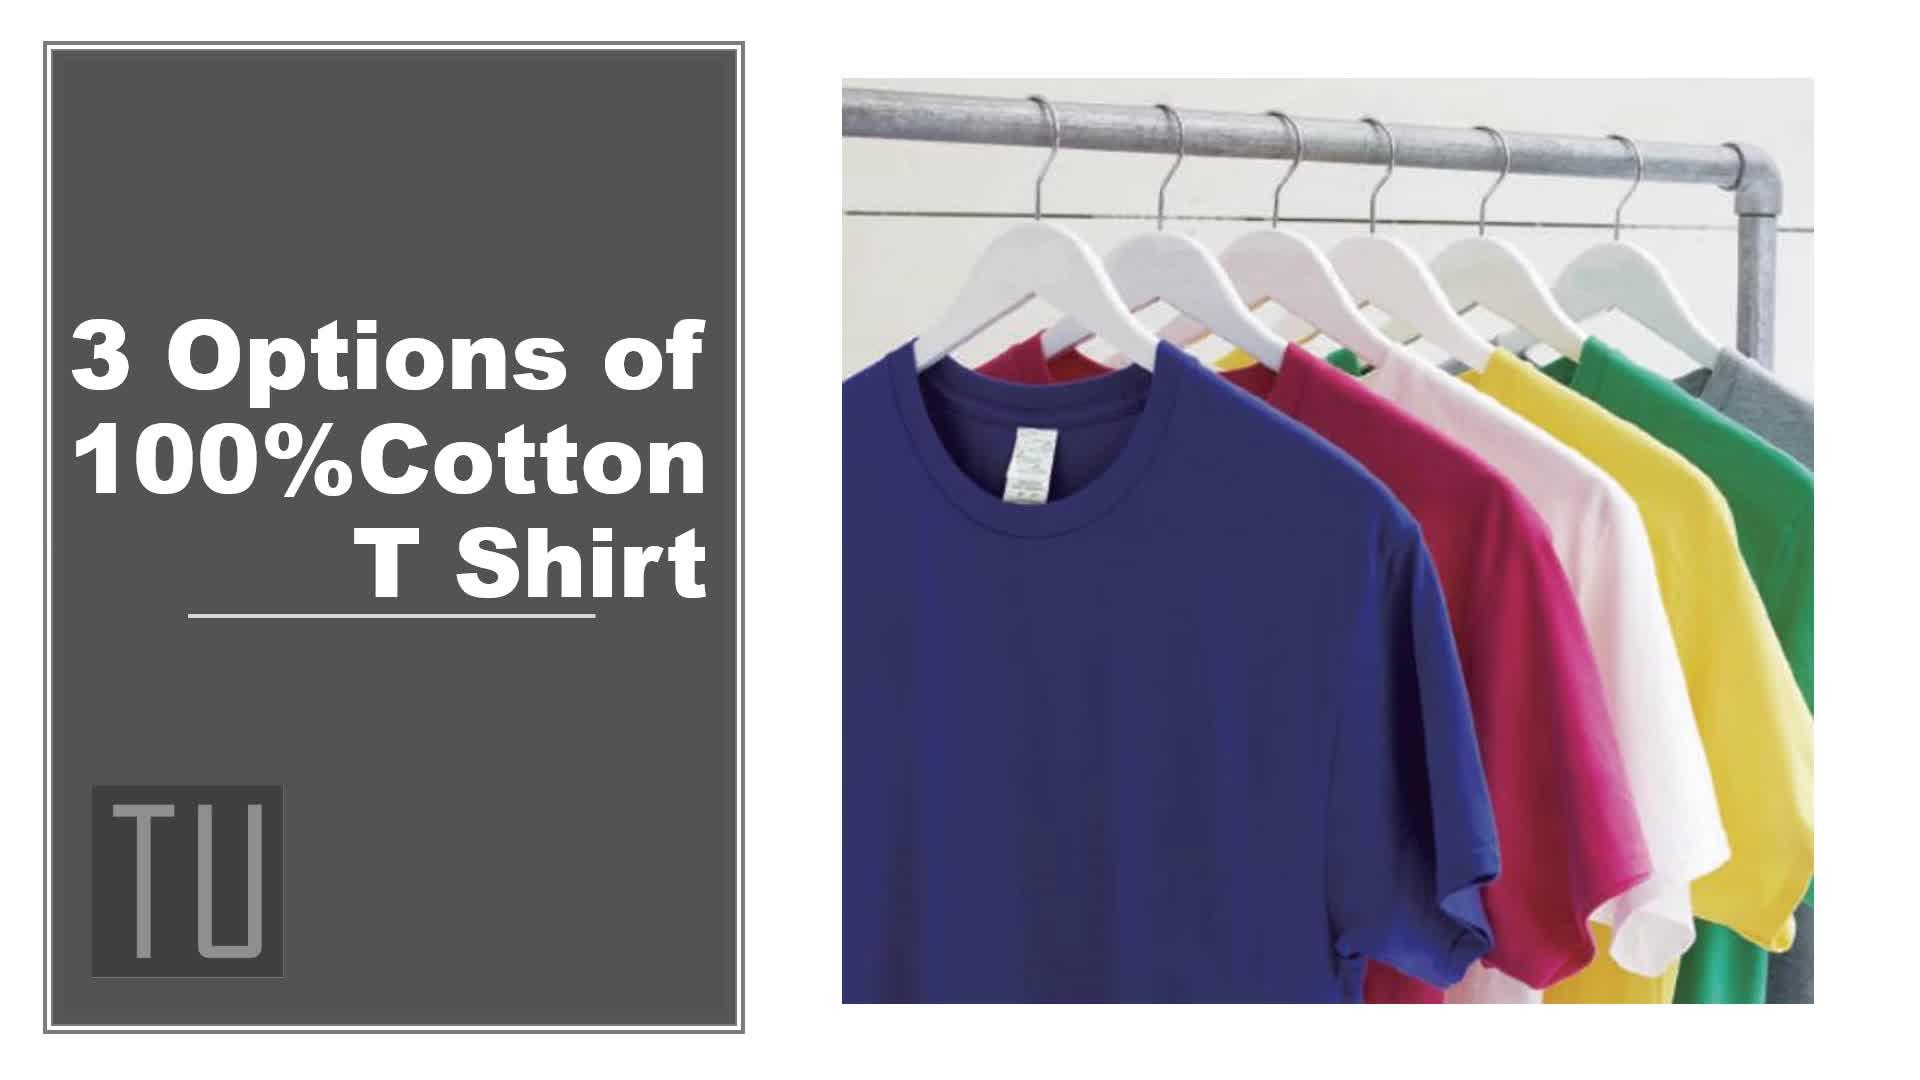 टी-शर्ट के लिए खाली कस्टम मुद्रण महिलाओं   स्लिम फिट   सादे   रिक्त स्टॉक में     नमूना उपलब्ध   कस्टम डिजाइन मुद्रण